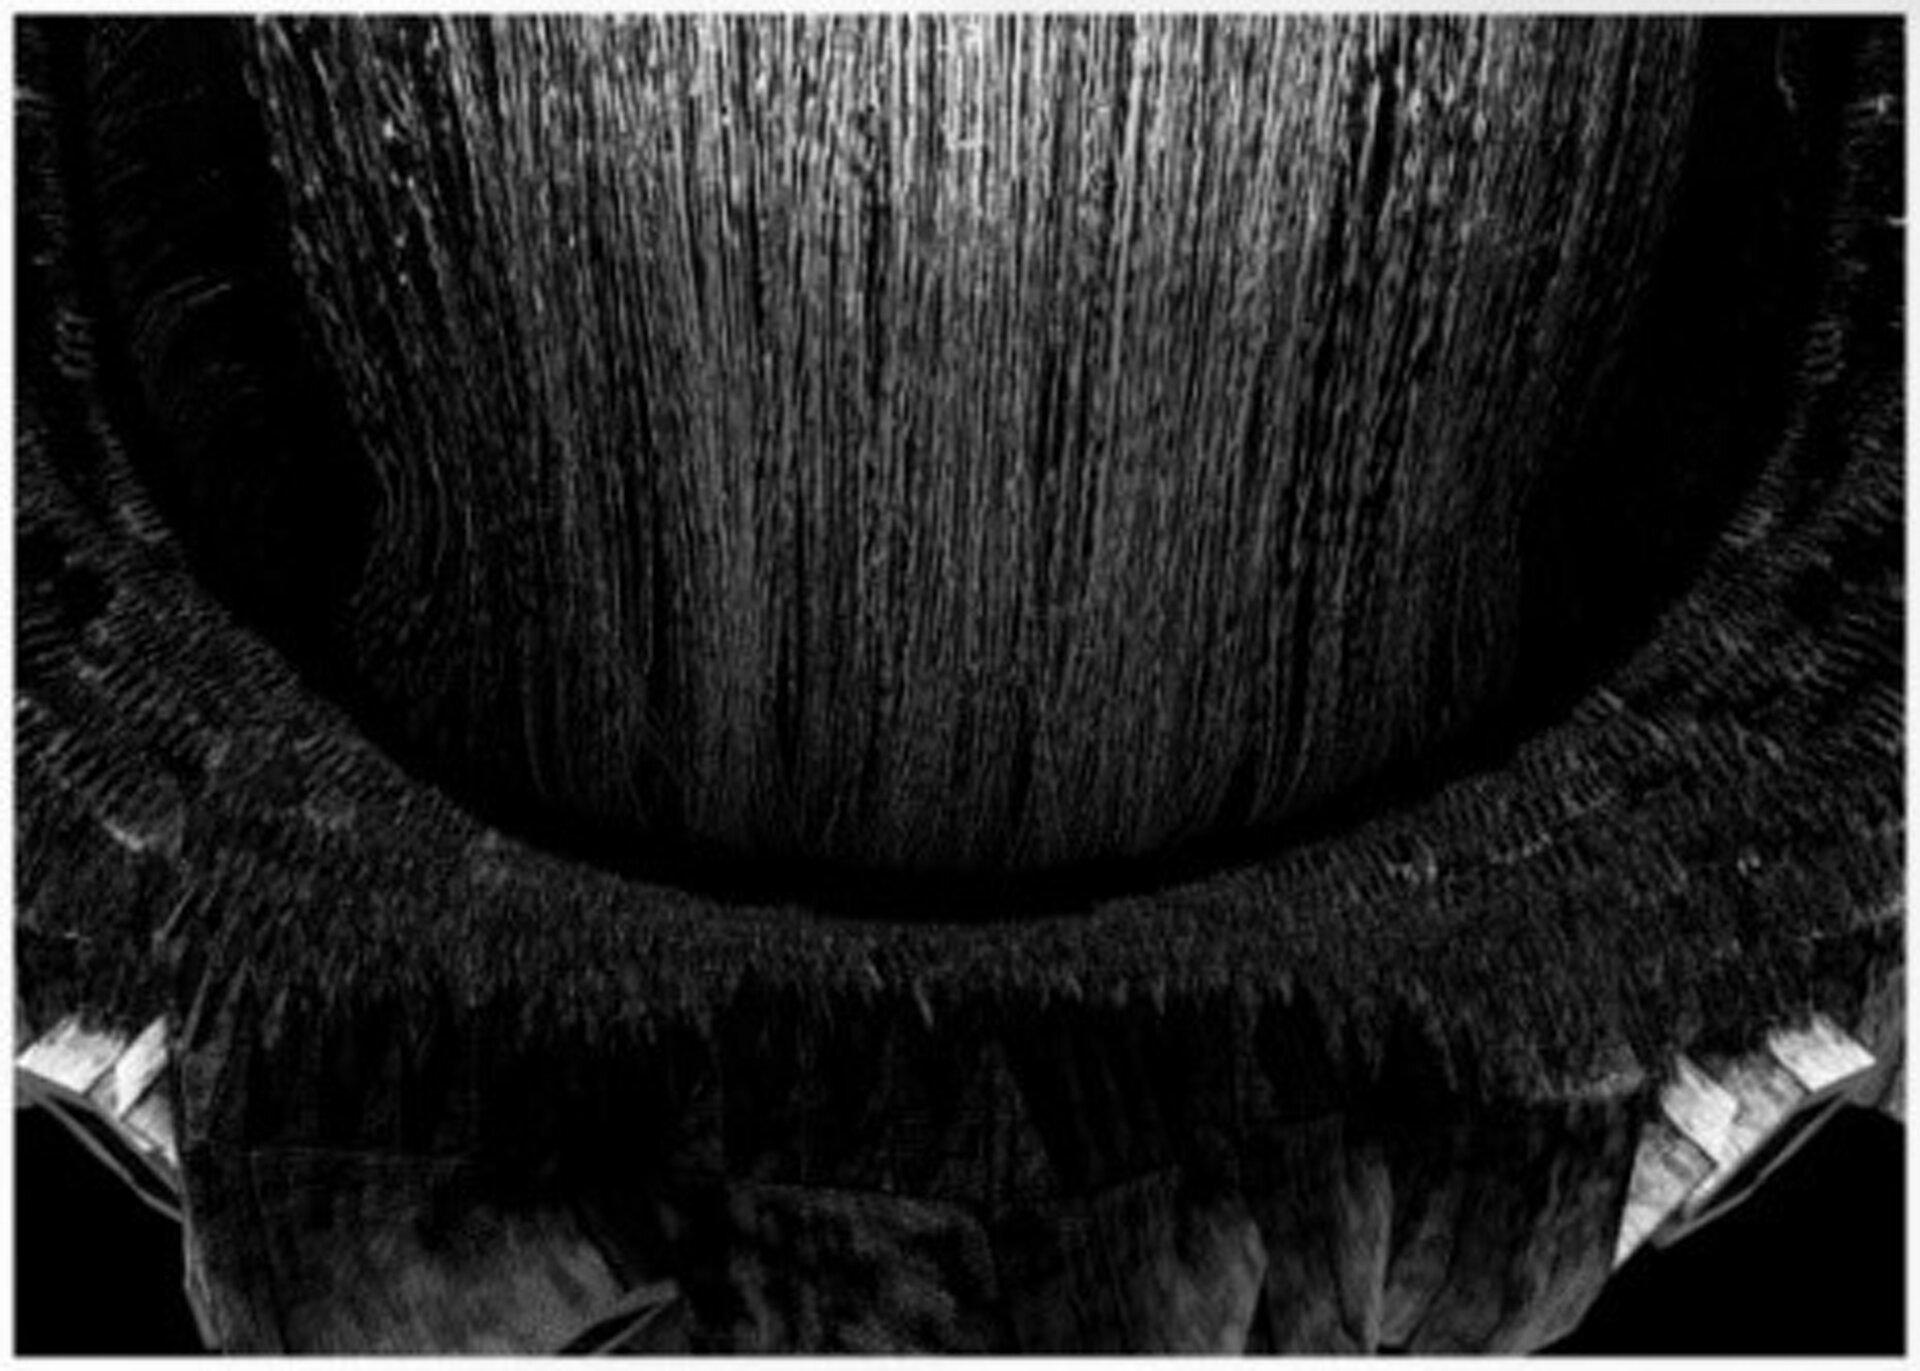 """Ilustracja przedstawia pracę Jakuba Jaszewskiego """"XRYT 005"""". Abstrakcja przedstawia autorską wizję pejzażu. Dolna część tworzy łuk. Ukazuje białe bryły, przykryte czarnym pasem, przypominającym nawarstwioną trawę. Nad nim tło wypełnione jest przez pionowe, nieregularne linie, zagęszczone wdolnej części ijaśniejące na górze."""